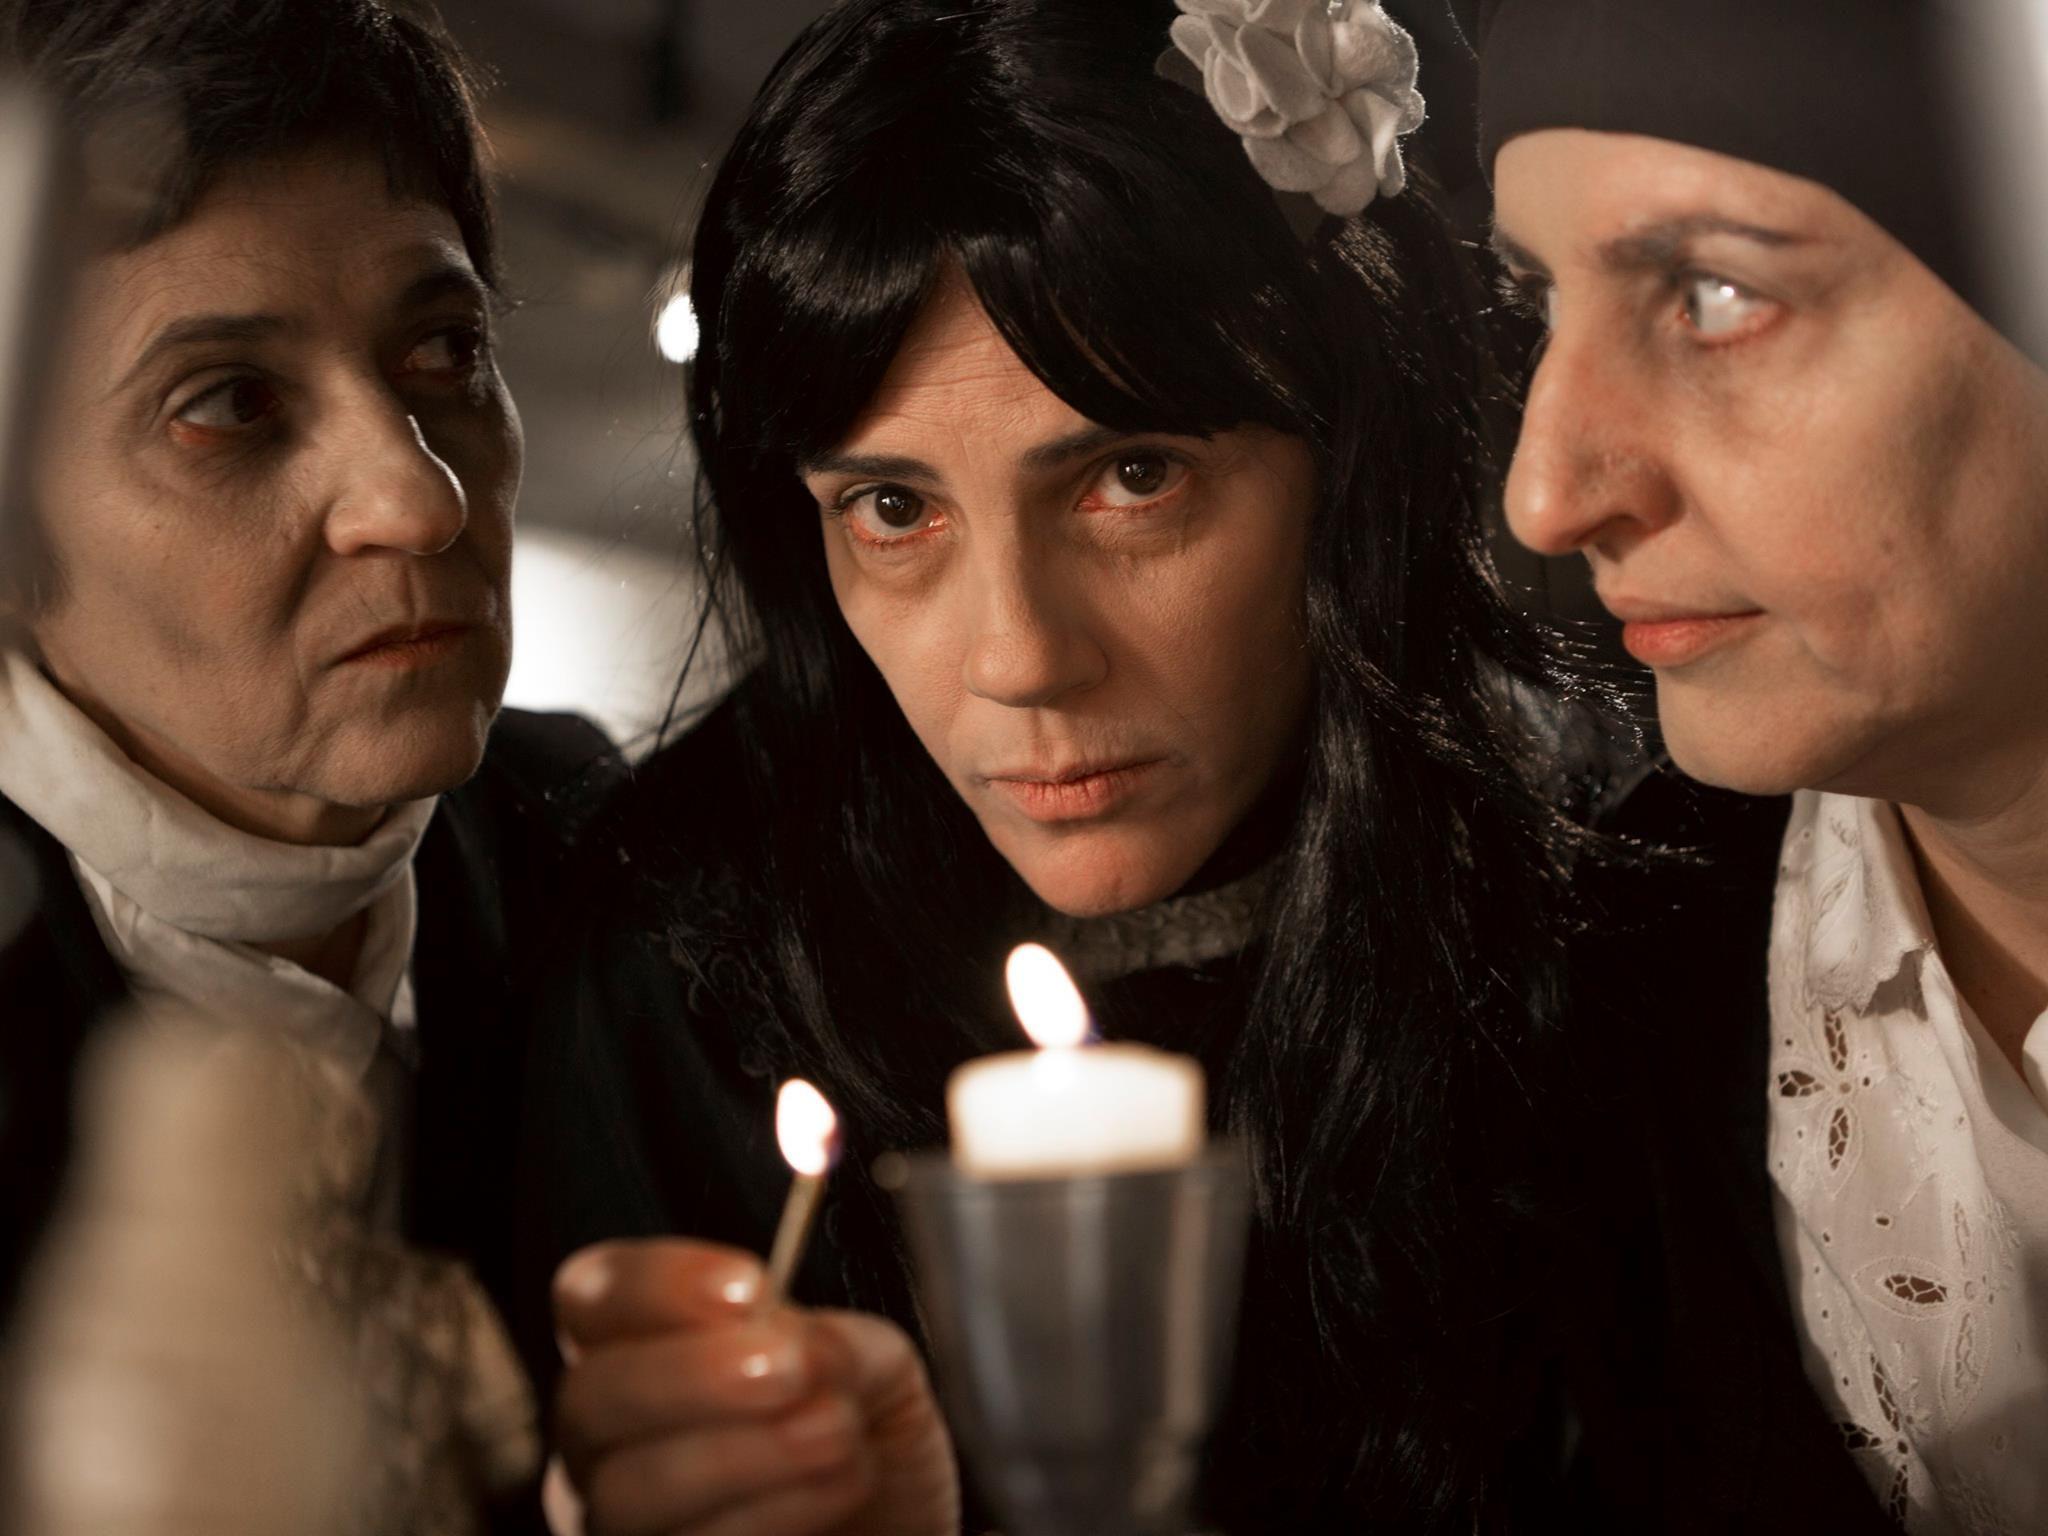 Frio na espinha: Virada terá teatro no Cemitério da Consolação